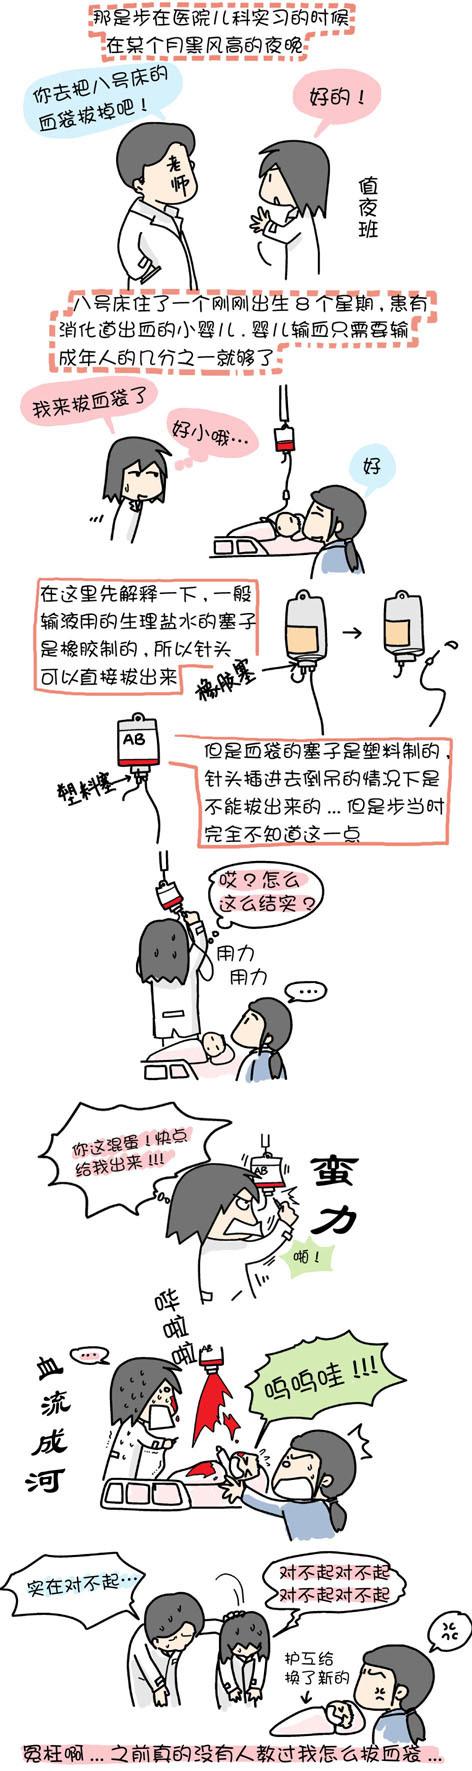 血案 - 小步 - 小步漫画日记